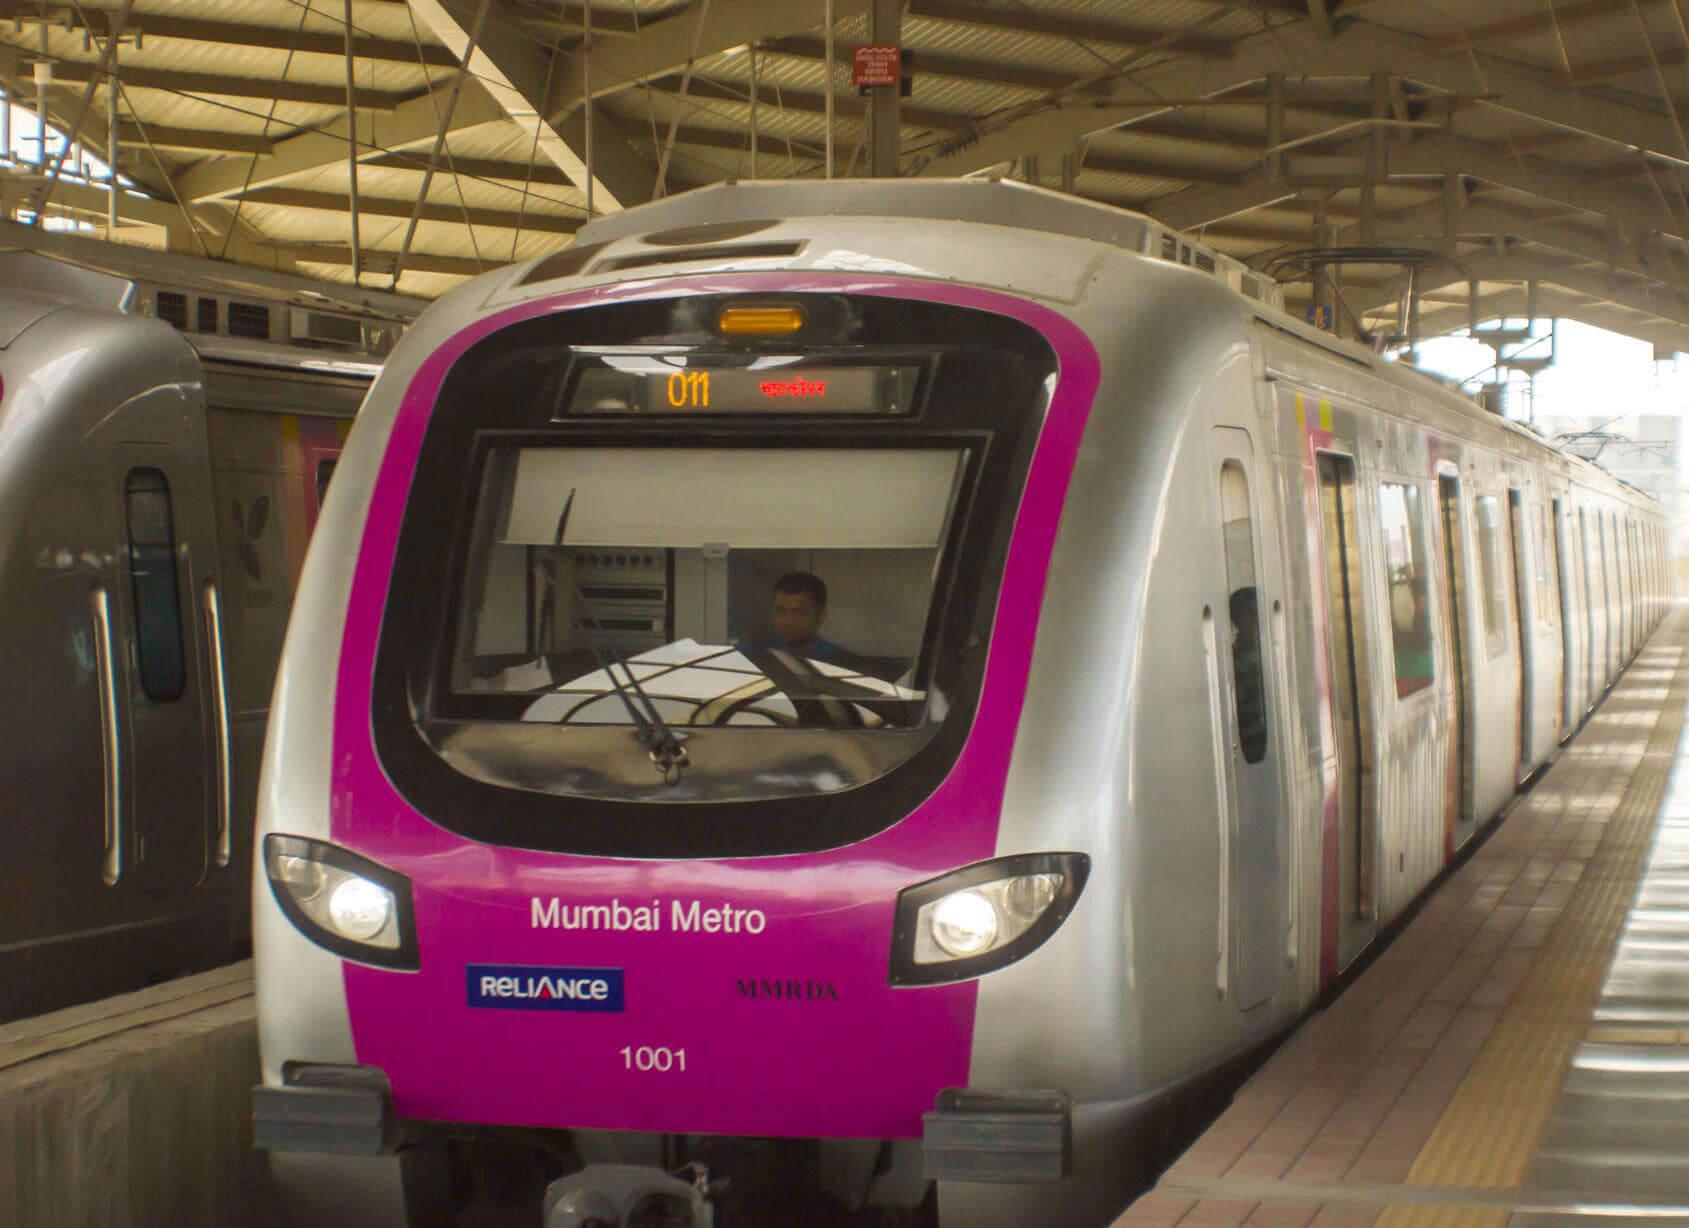 ताइवान पर्यटन ब्यूरो और मुंबई मेट्रो के बीच क्या आम है?